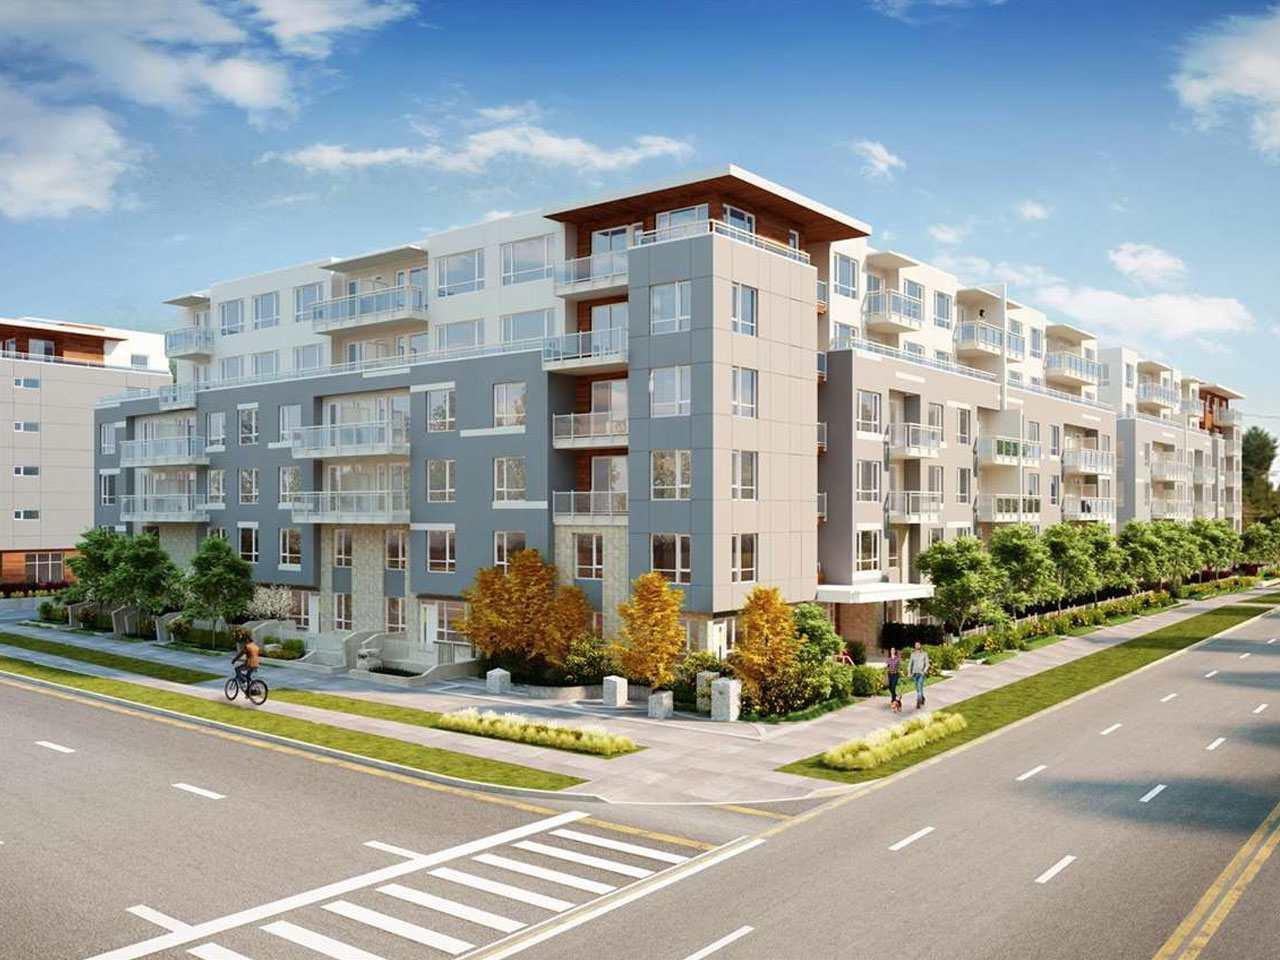 Condo Apartment at 205 10581 140TH STREET, Unit 205, North Surrey, British Columbia. Image 1